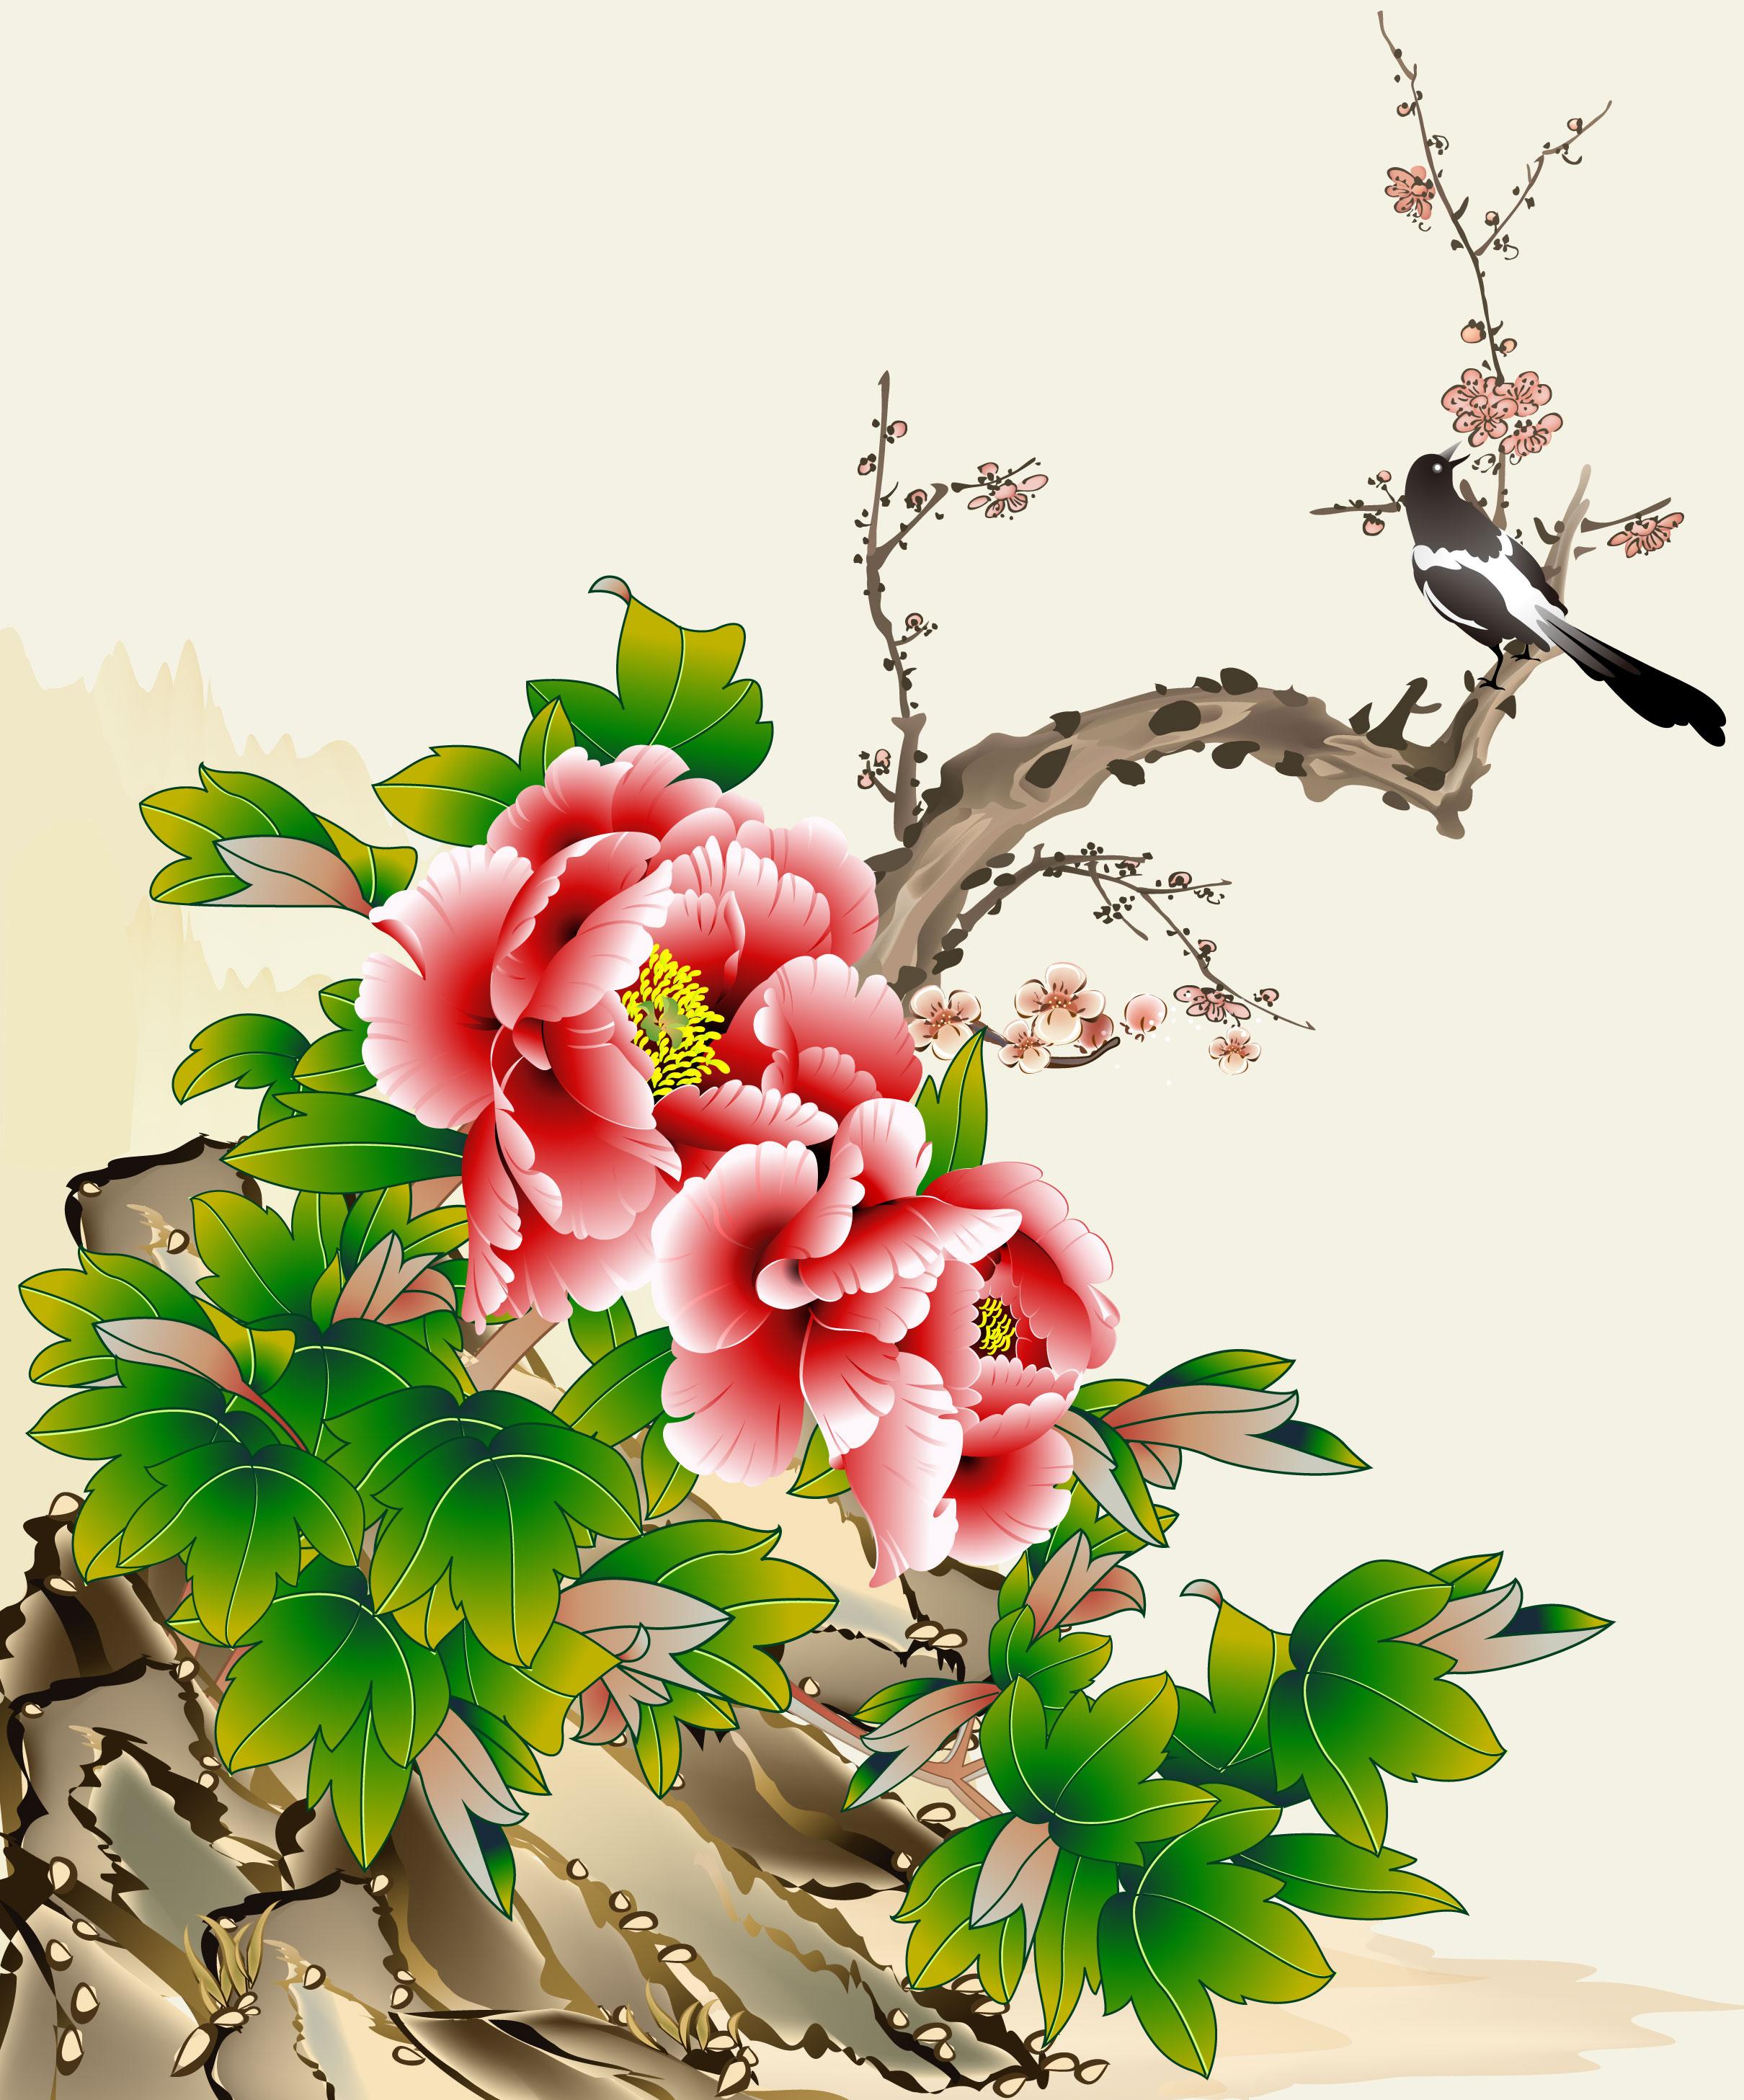 つばき椿のイラスト画像no15壁紙ツバキ和風無料のフリー